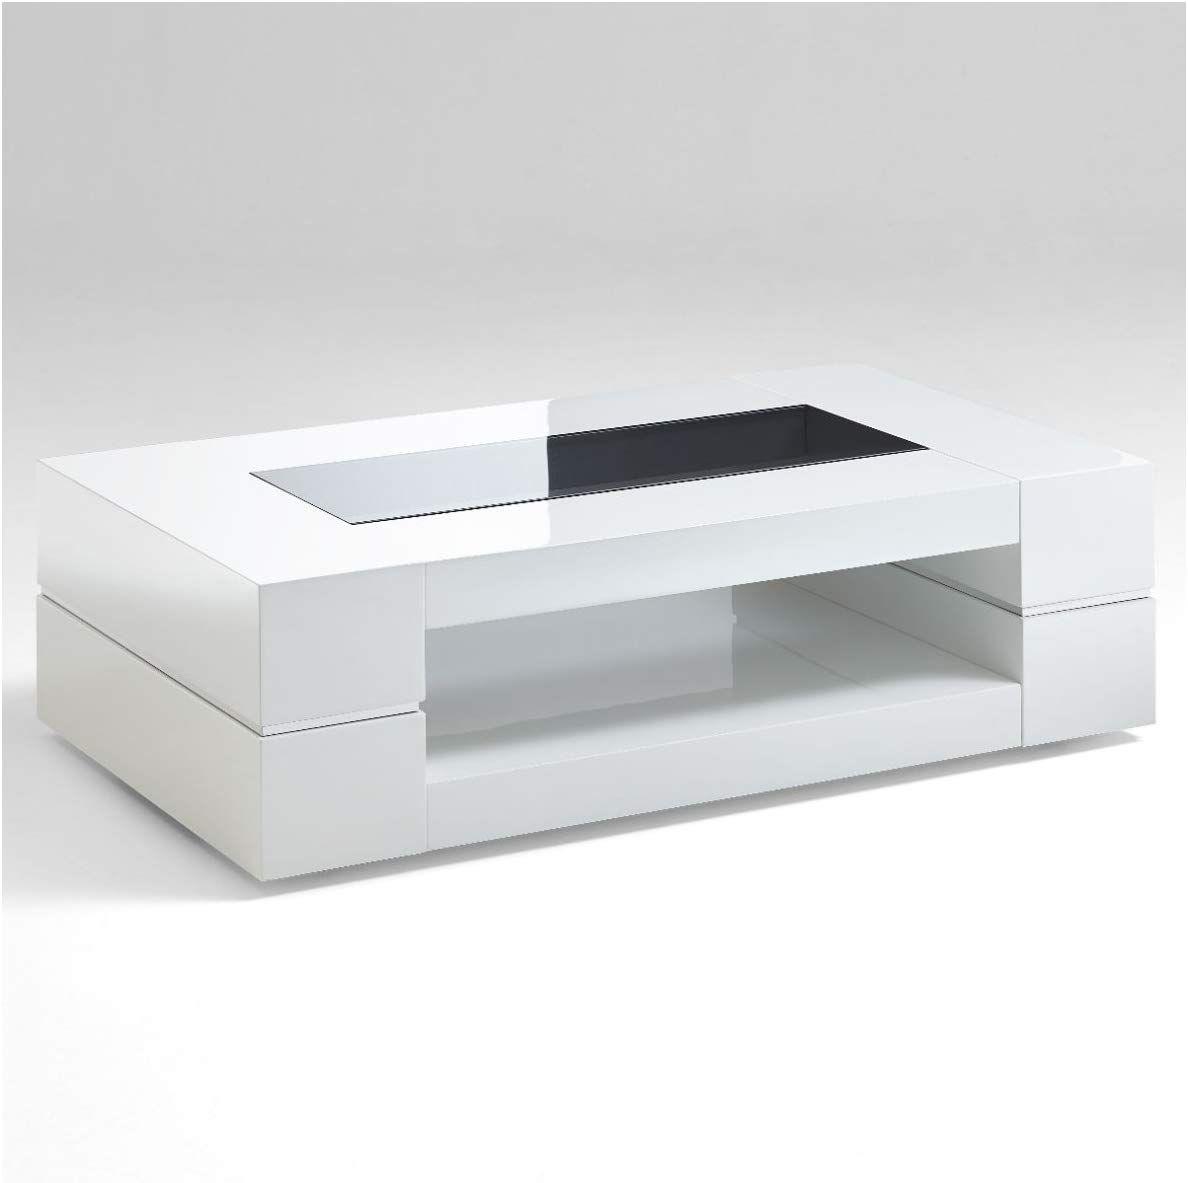 Couchtisch Weiss Hochglanz Mit Glasplatte Sera 120x70cm Glastisch Amazon De Kuche Haushalt Tea Table Design Coffee Table Table Design [ 1183 x 1188 Pixel ]